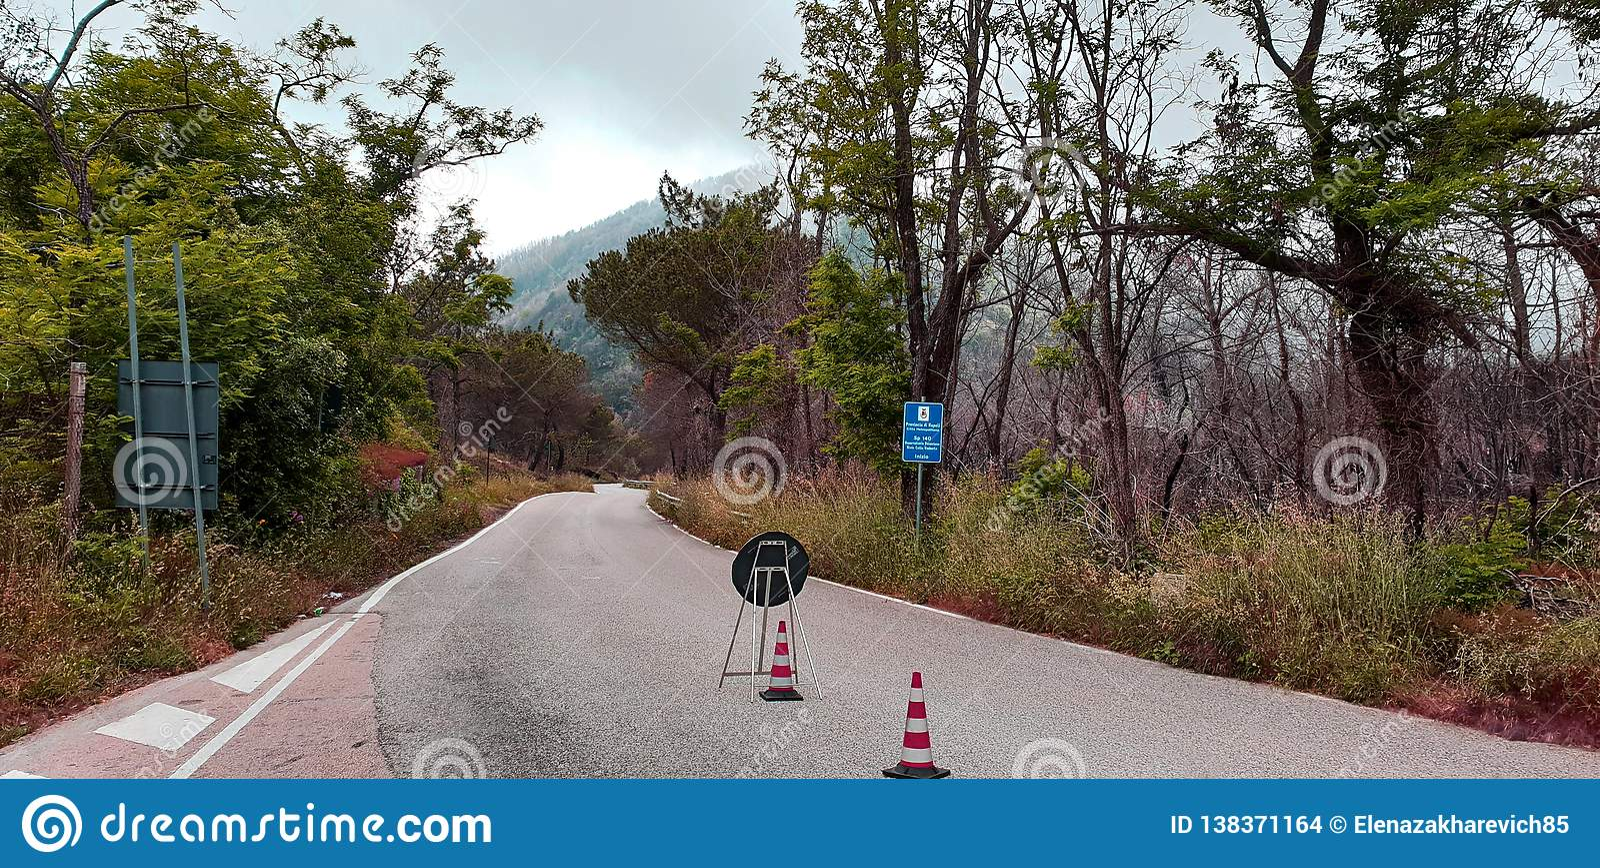 Mountain road repair